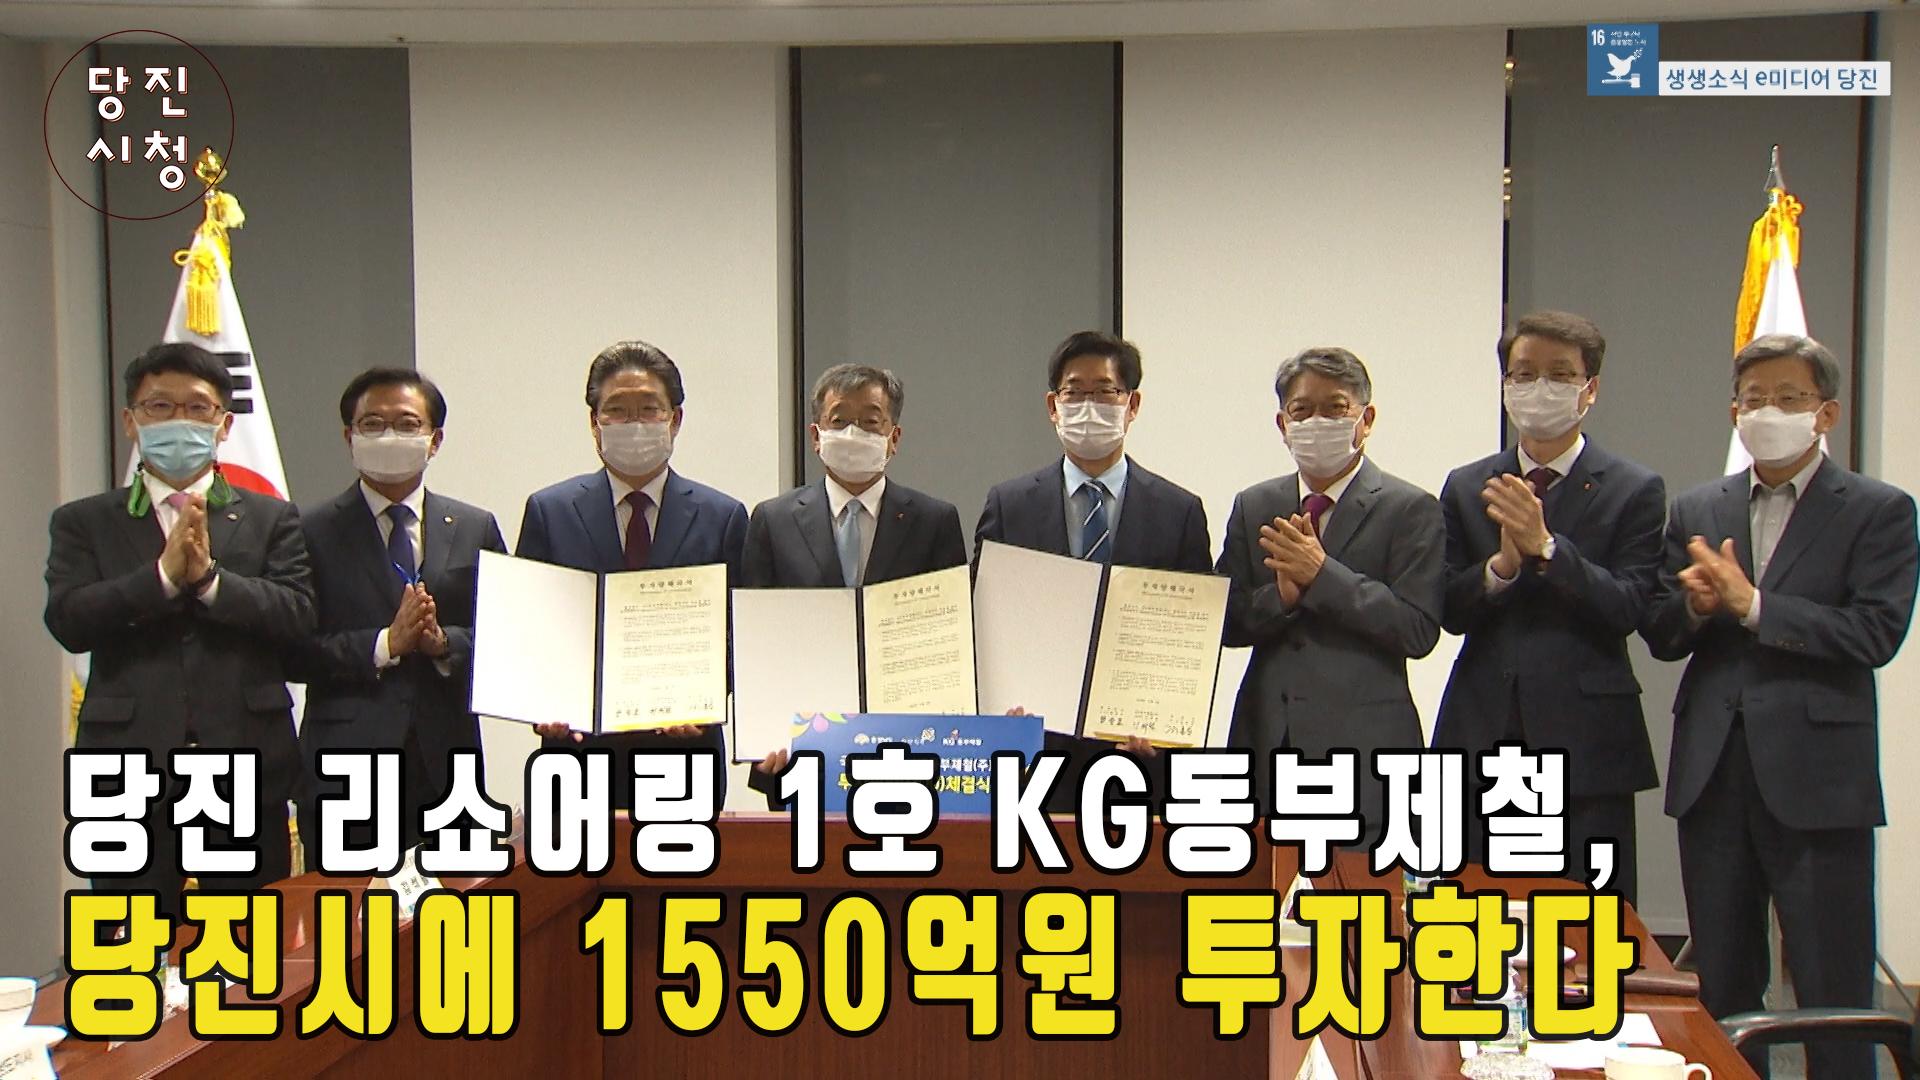 당진시정뉴스 - 11월 2주 이미지